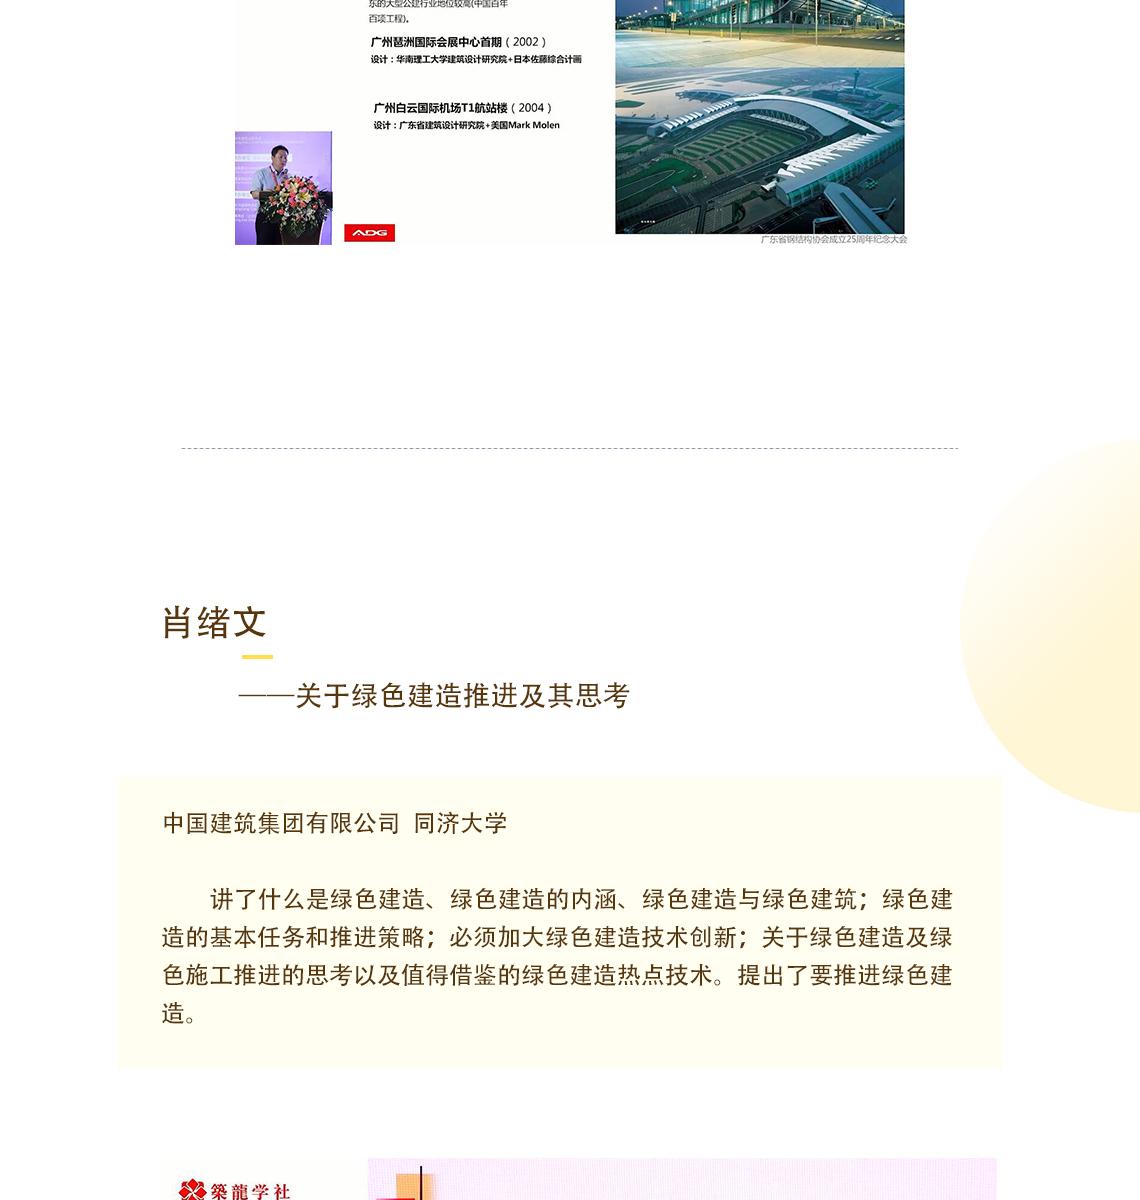 中国建筑集团有限公司  同济大学              讲了什么是绿色建造、绿色建造的内涵、绿色建造与绿色建筑;绿色建造的基本任务和推进策略;必须加大绿色建造技术创新;关于绿色建造及绿色施工推进的思考以及值得借鉴的绿色建造热点技术。提出了要推进绿色建造及装配式建筑